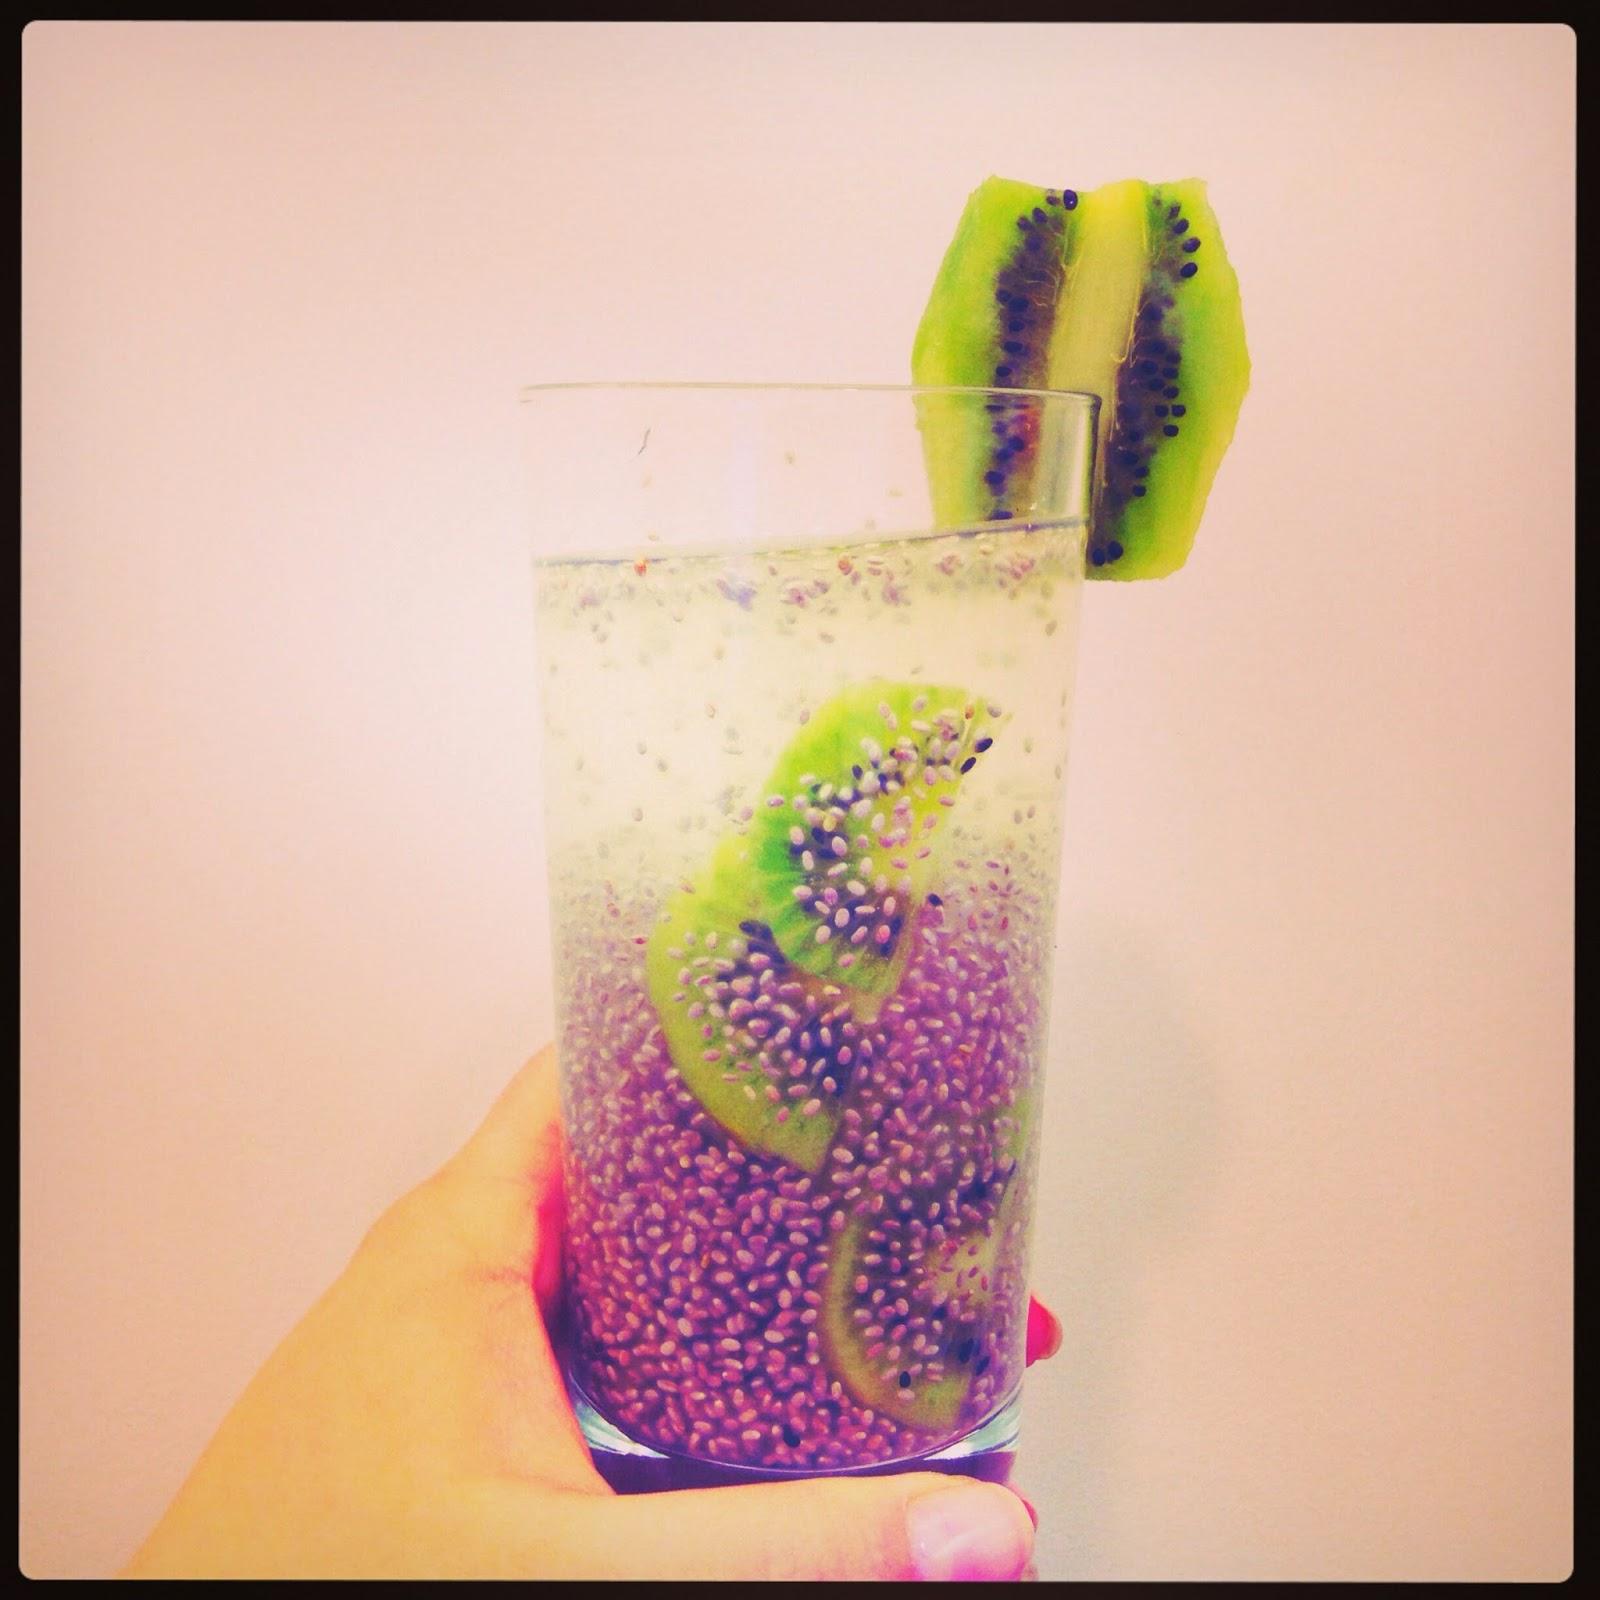 chia kiwi fresca